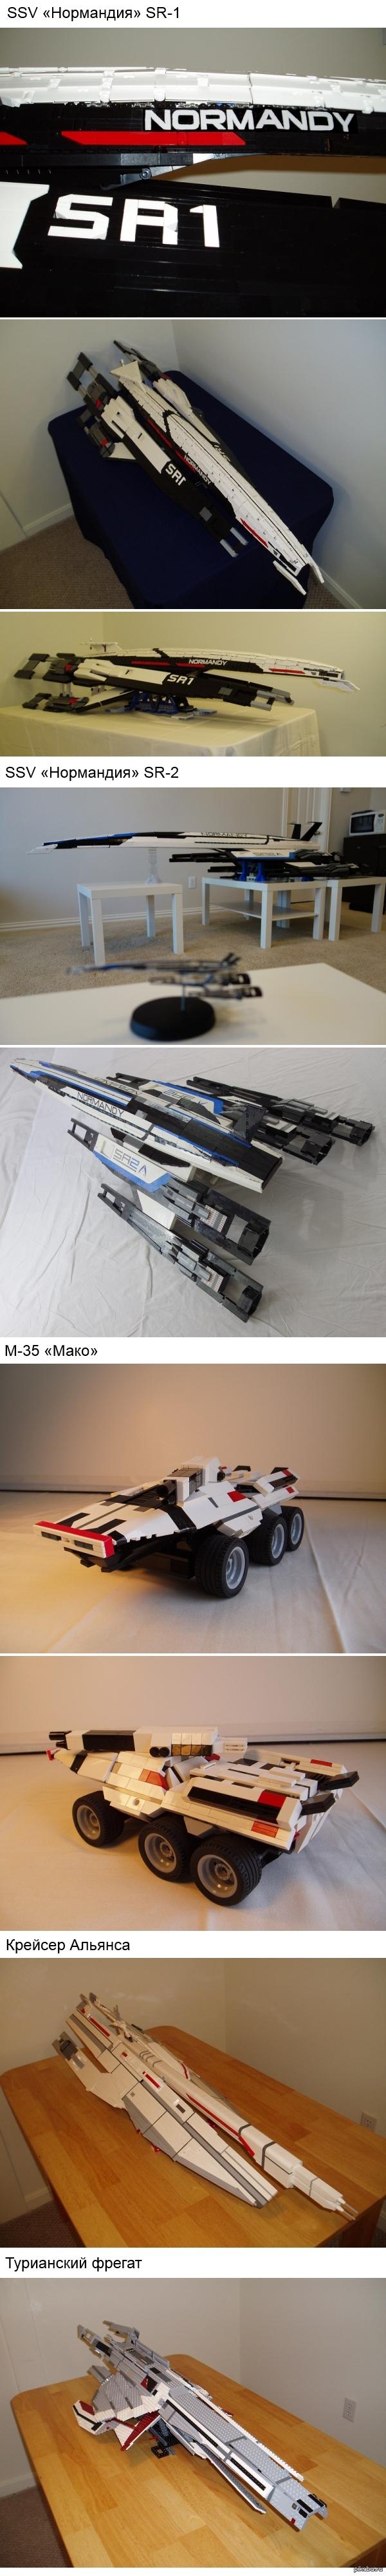 Мако и кораблики Mass Effect из LEGO (длиннопост) Полюбуемся на миниатюрные Мако да космические кораблики от Ktorrek'а. А в моё время у меня даже на одну такую модель деталей бы не хватило..